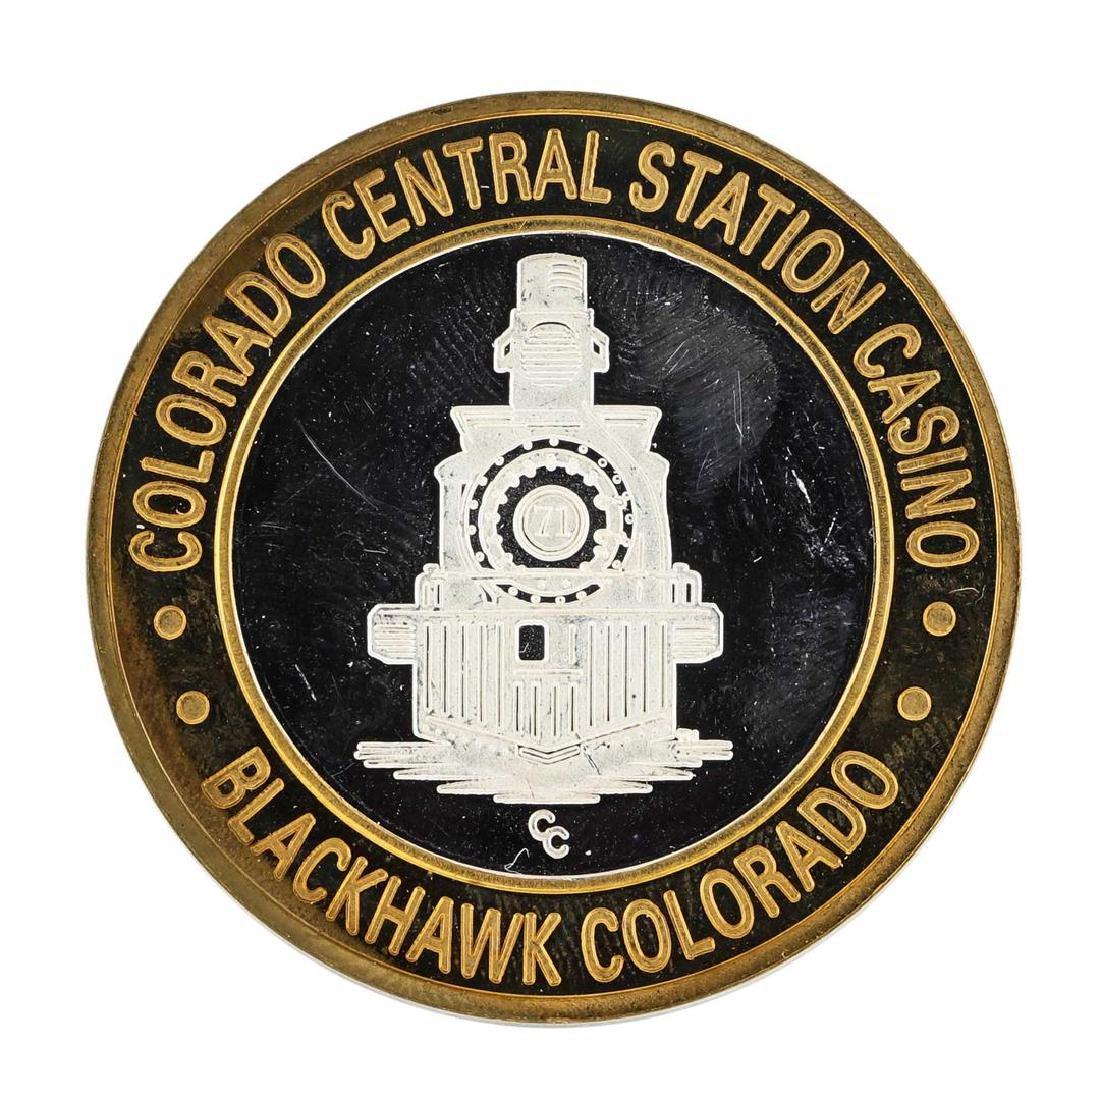 .999 Silver Colorado Central Station Casino $10 Casino